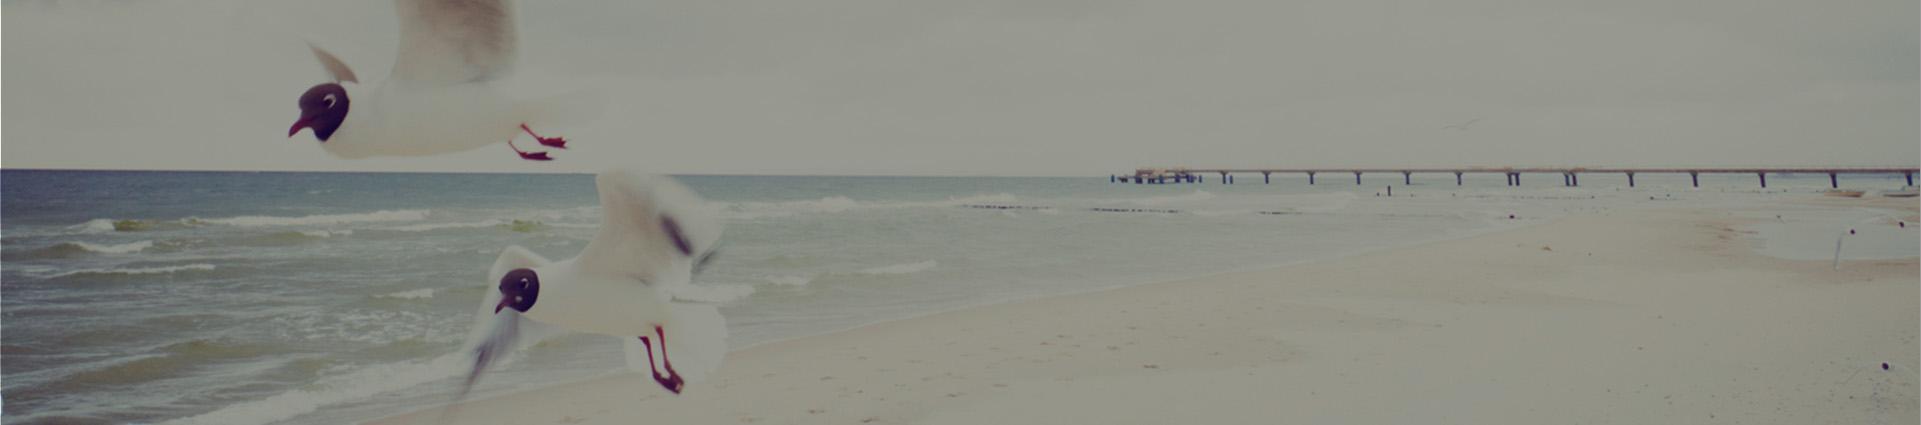 Molo w tle plaży